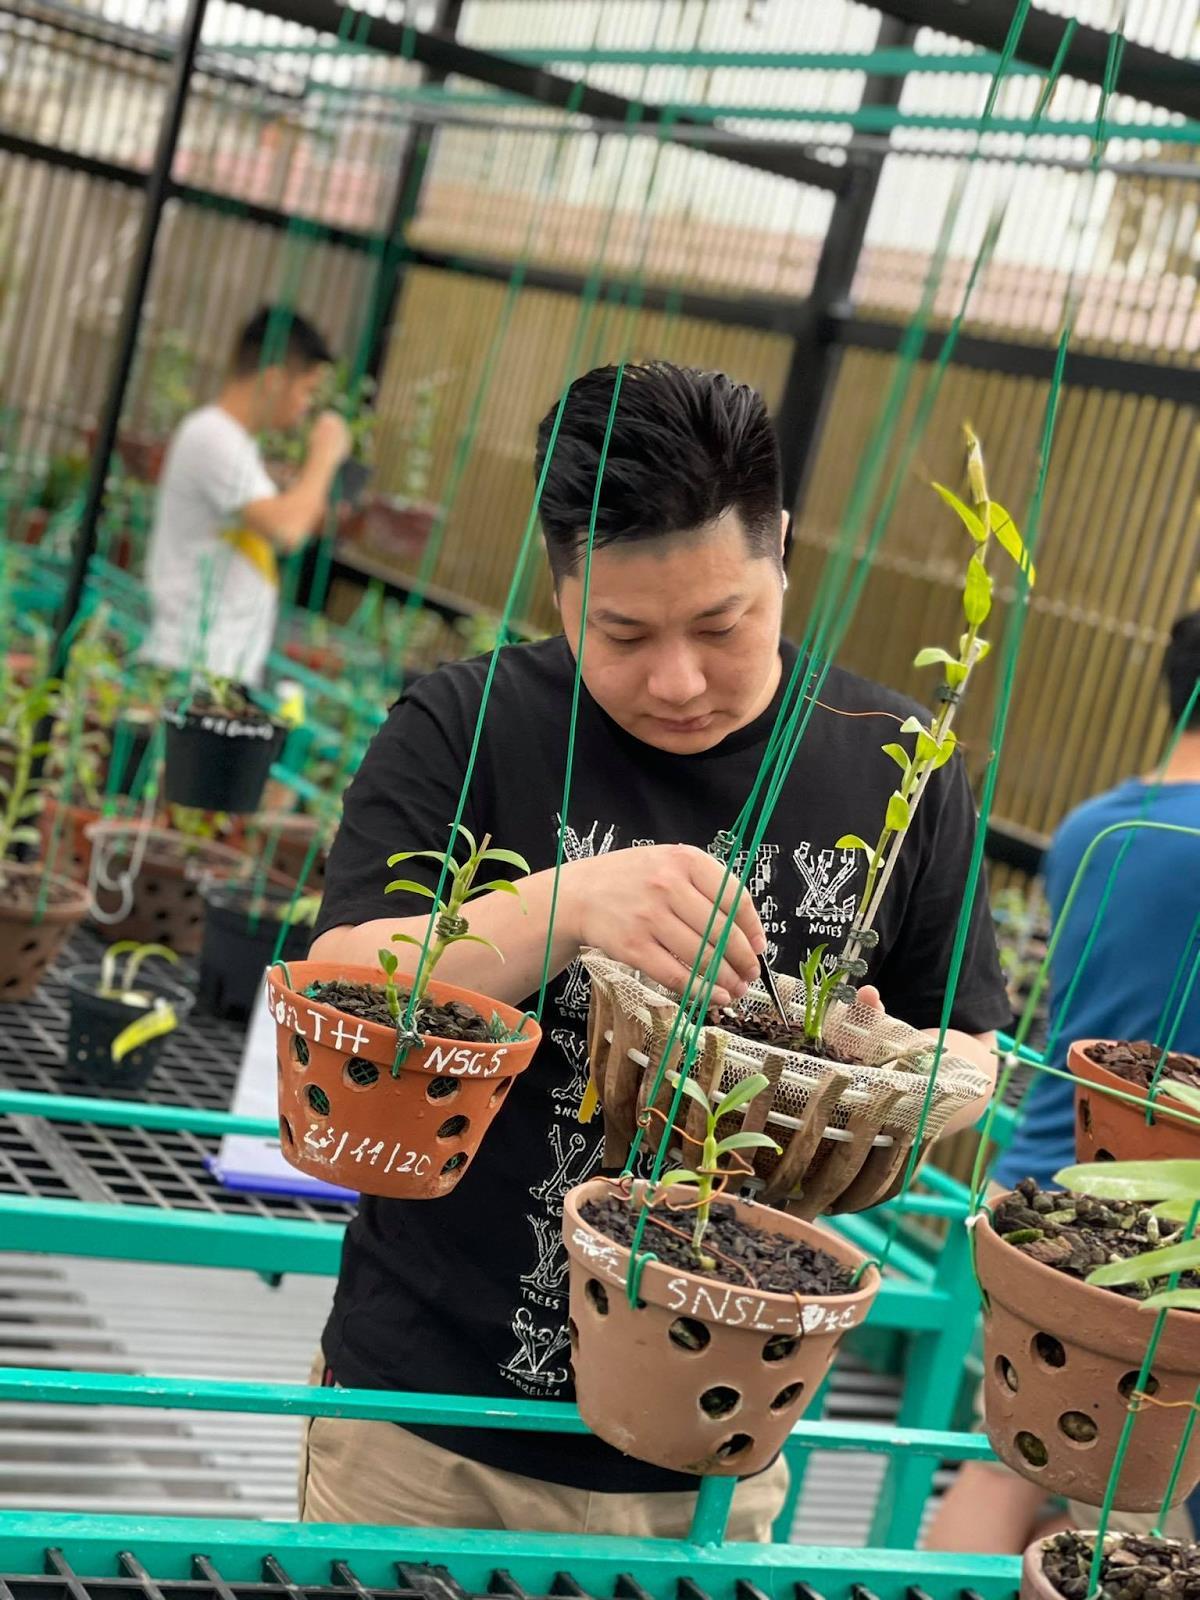 Nghệ nhân Trần Hạo Nam và những chia sẻ về bí quyết thành công trong ngành hoa lan - Ảnh 1